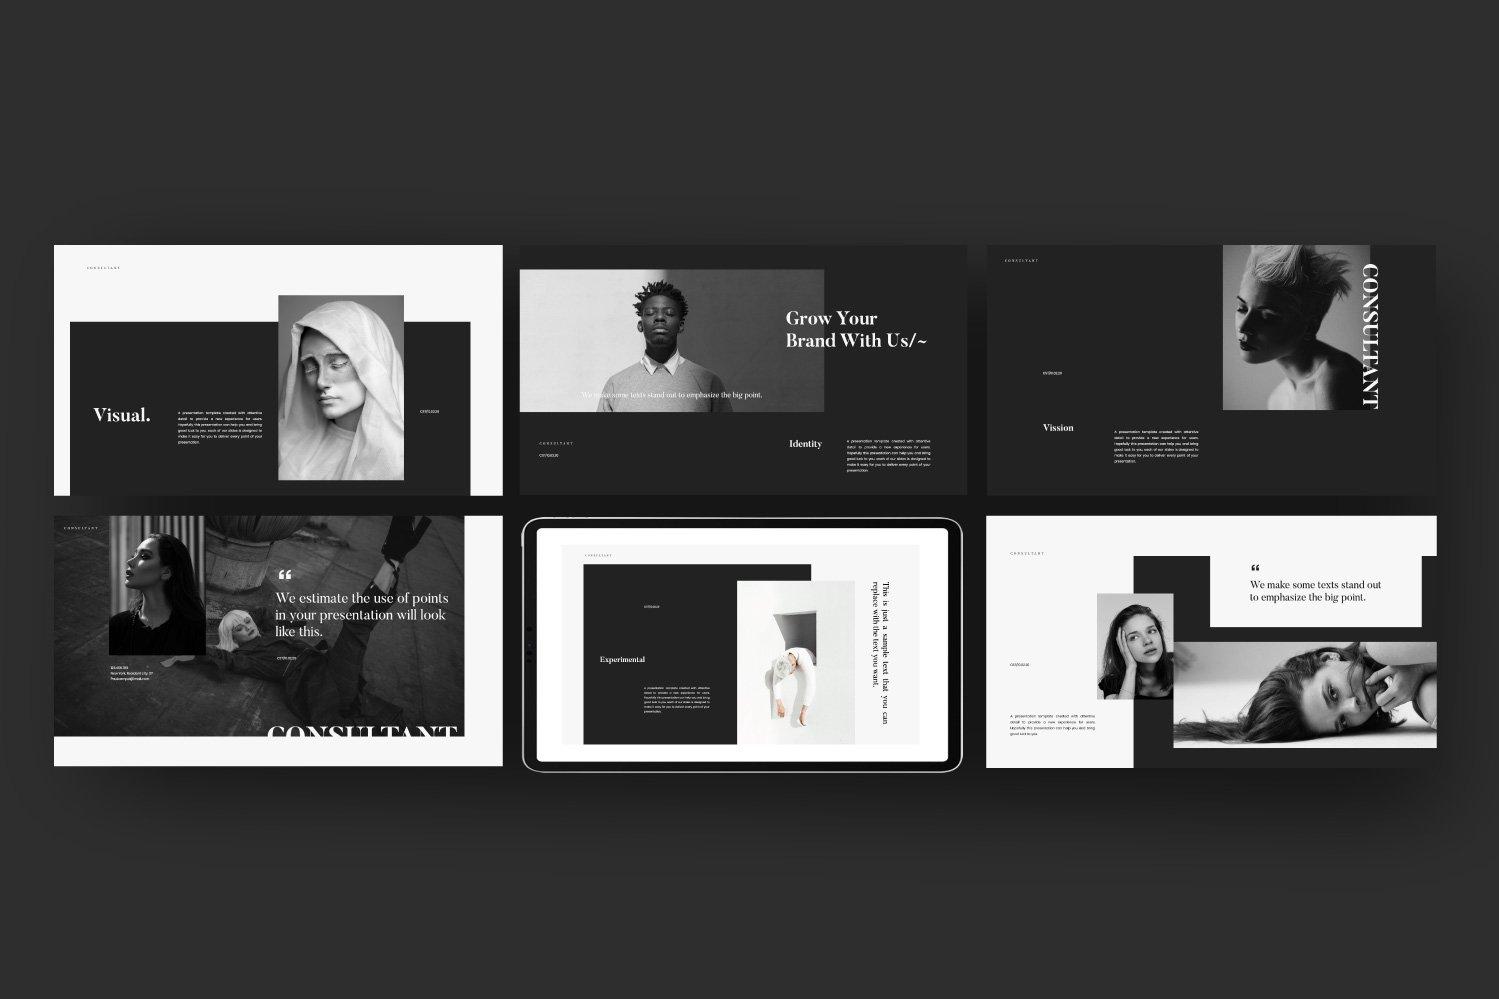 时尚服装摄影作品集设计演示文稿模板 Consultant – Powerpoint Minimalis Creative插图(5)